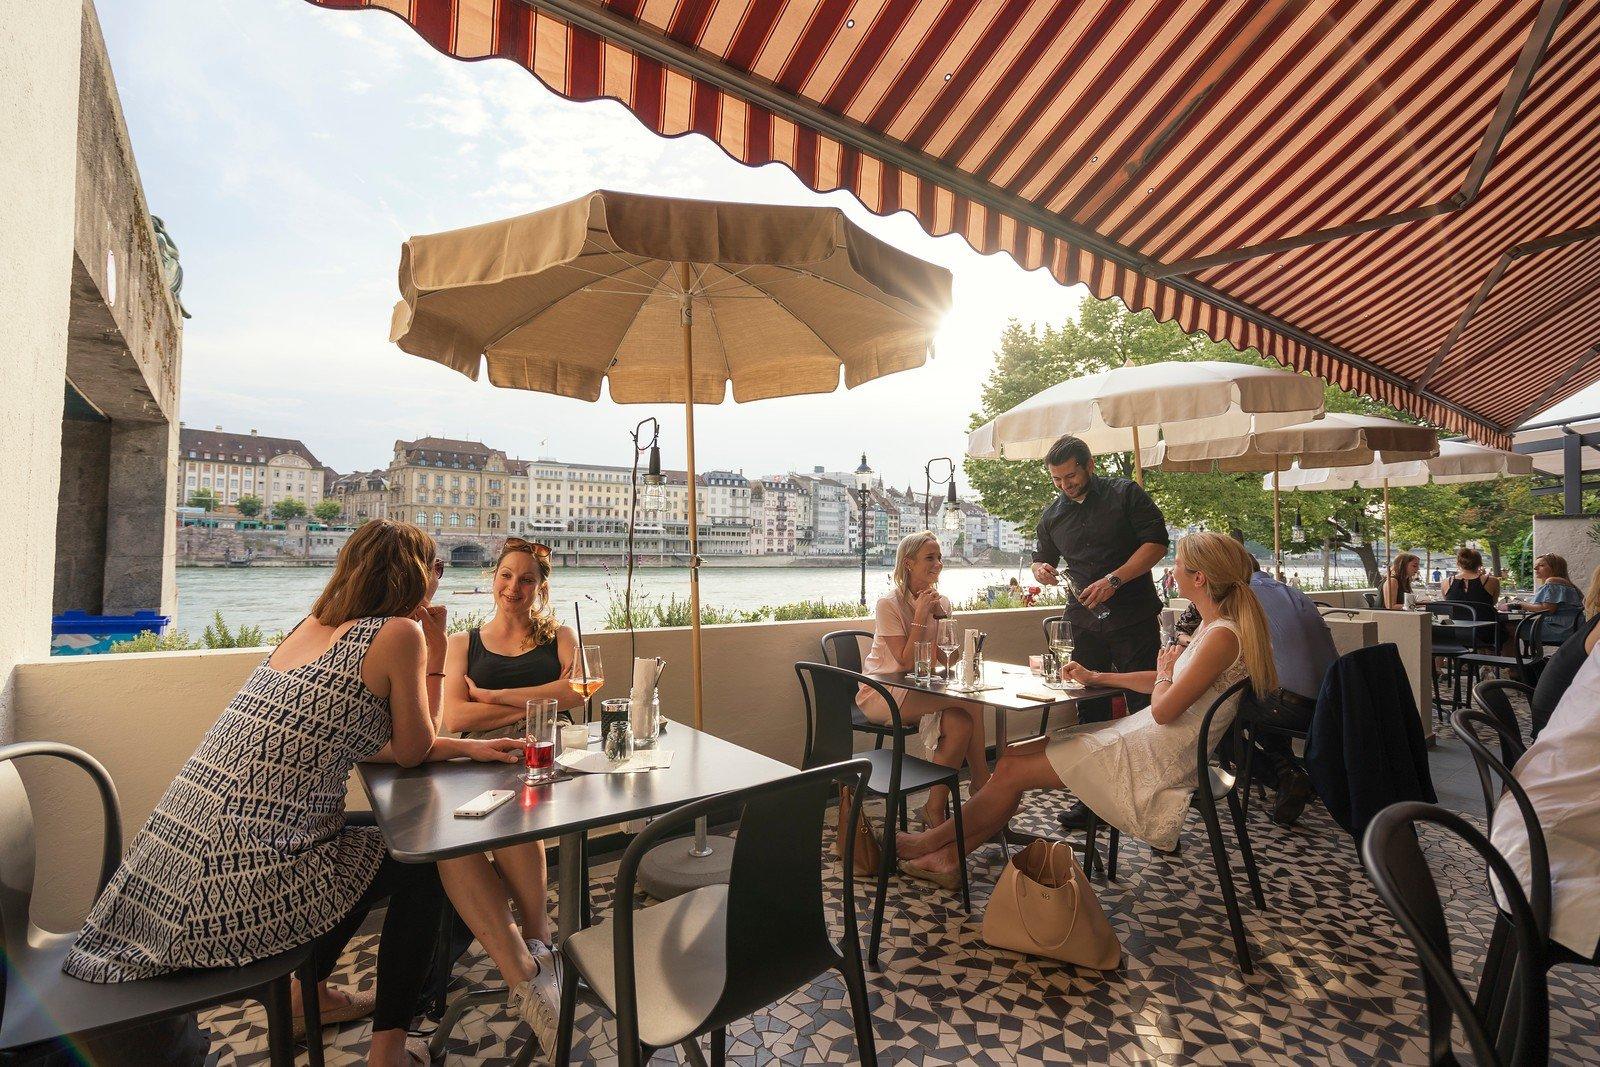 Geniesst die Sonne und den hausgemachten Eistee im Ufer7 an der Rheinpromenade. Gemäss dem Konzept «Urban Swissness» wird hier die Schweizer Küche modern, aber unkompliziert interpretiert.